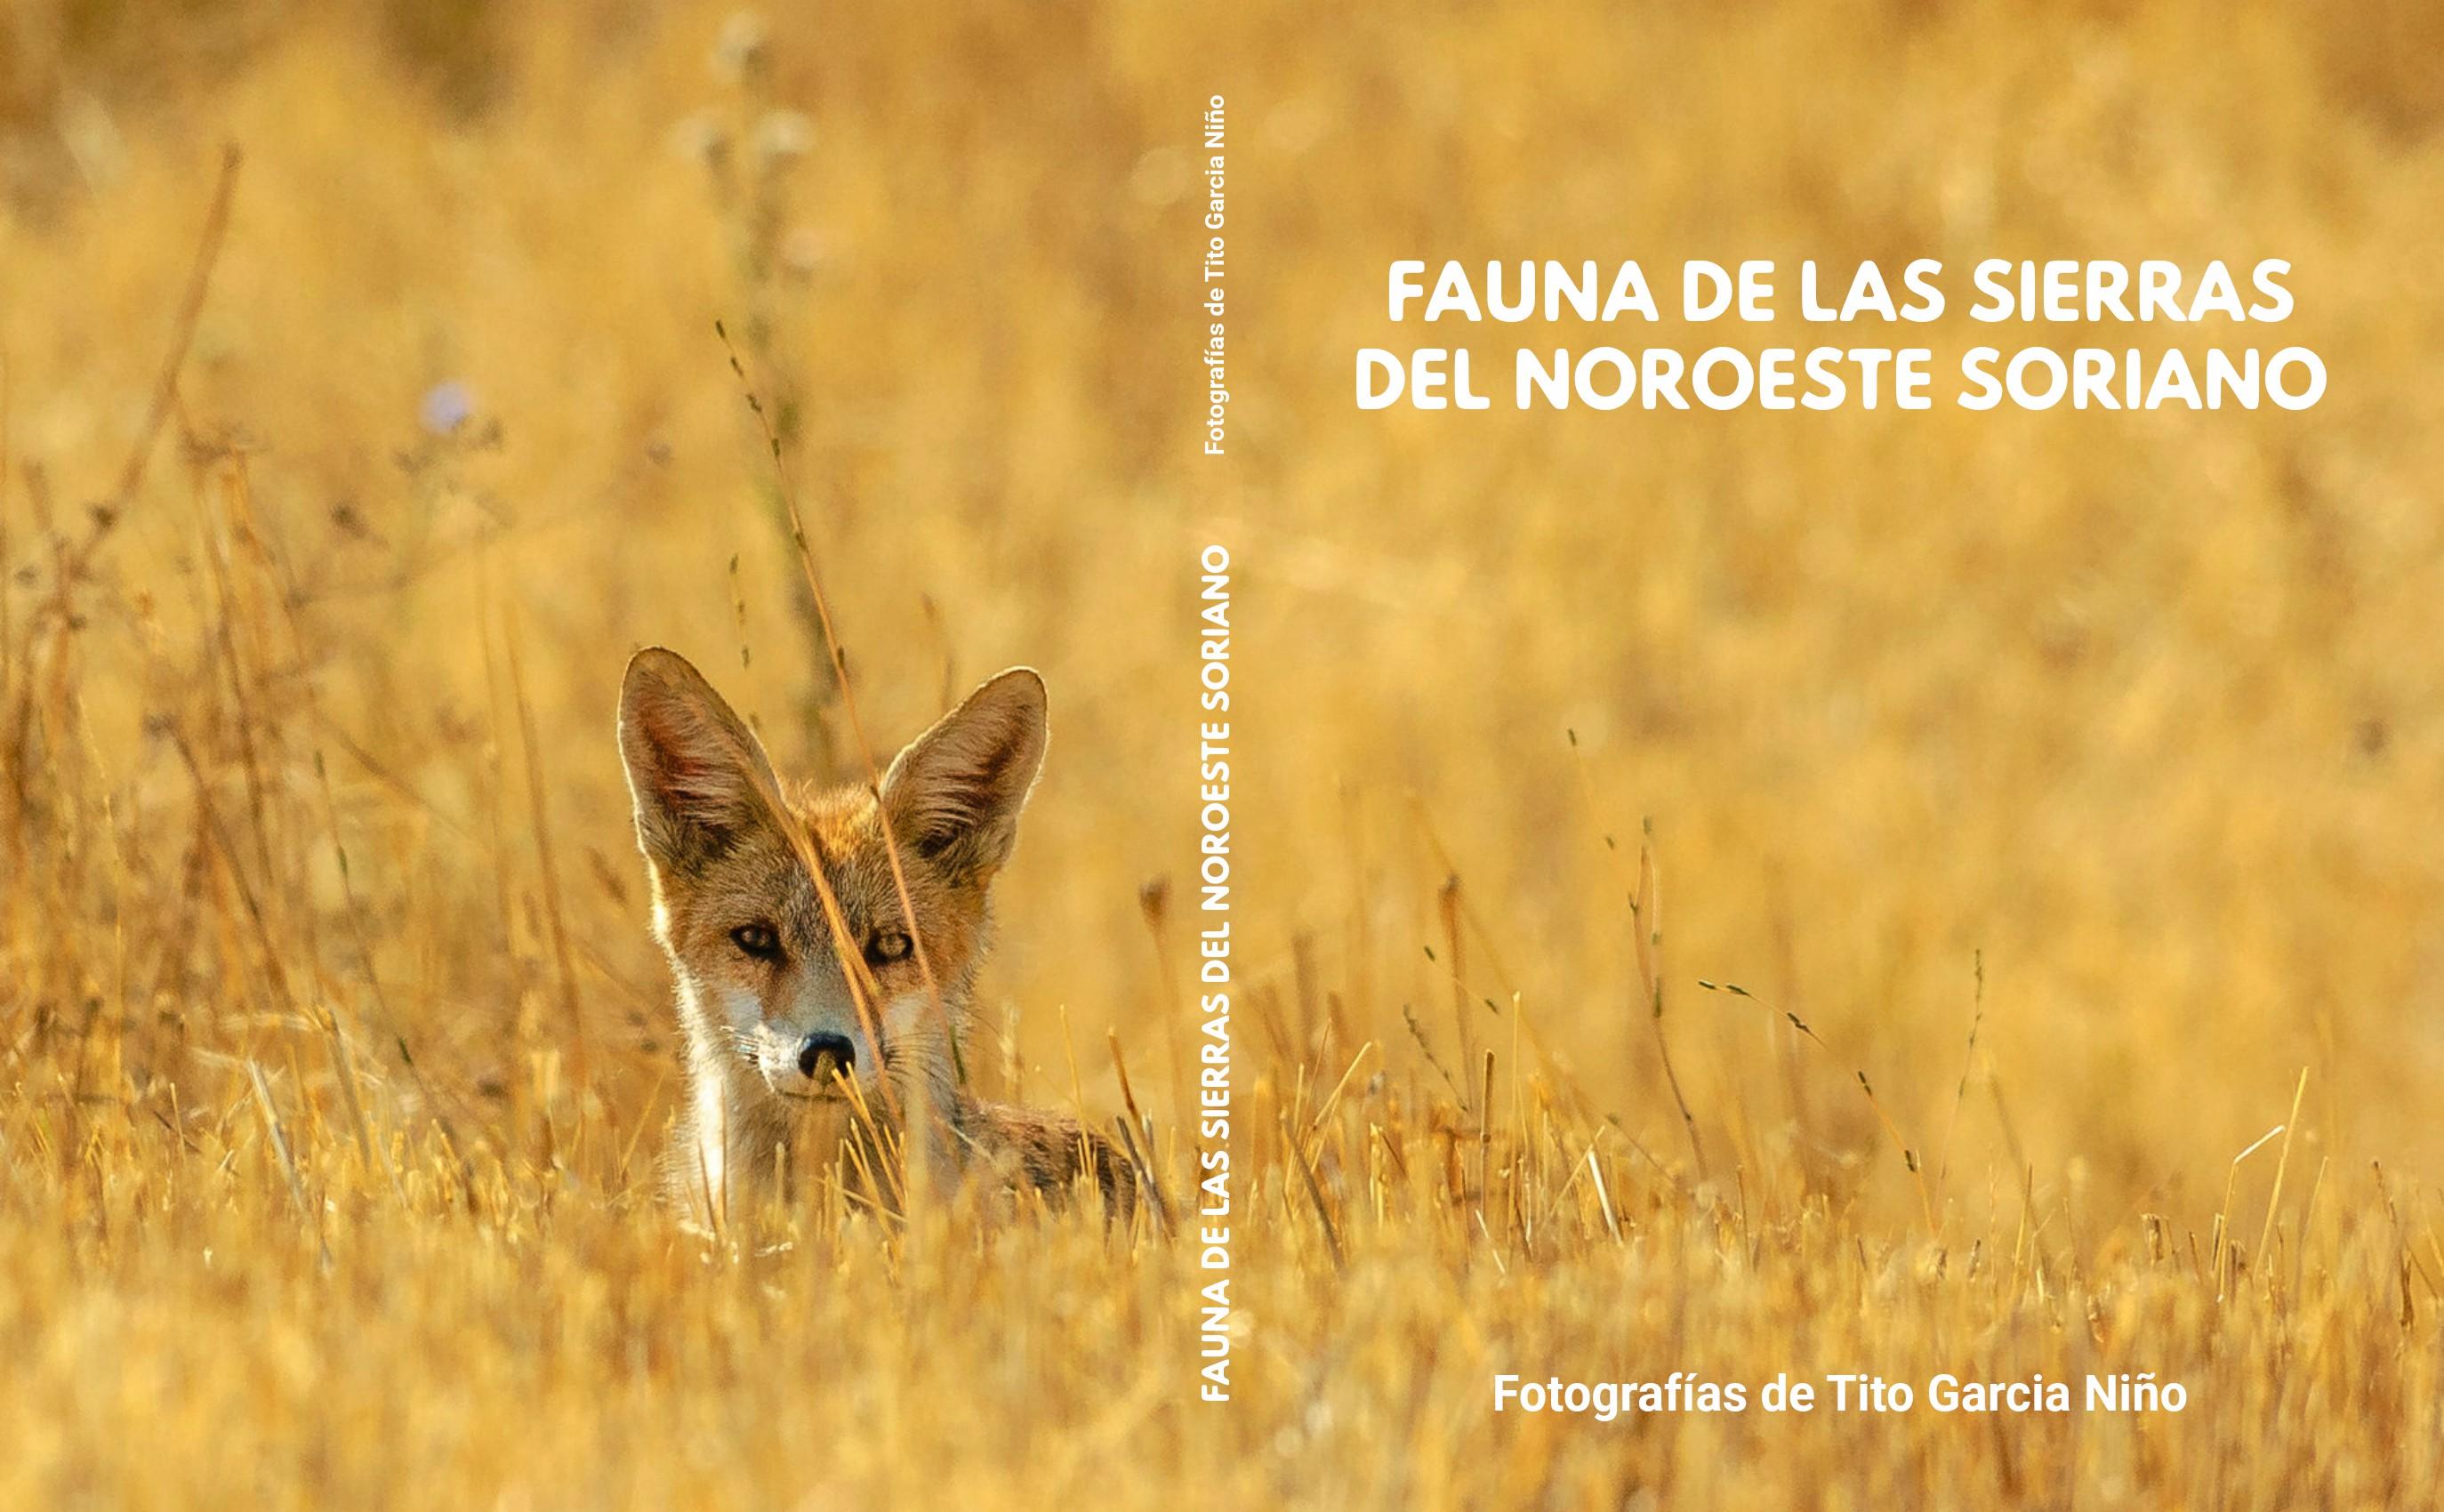 Fauna de las Sierras del Noroeste Soriano. Fotografías de Tito Garcia Niño.